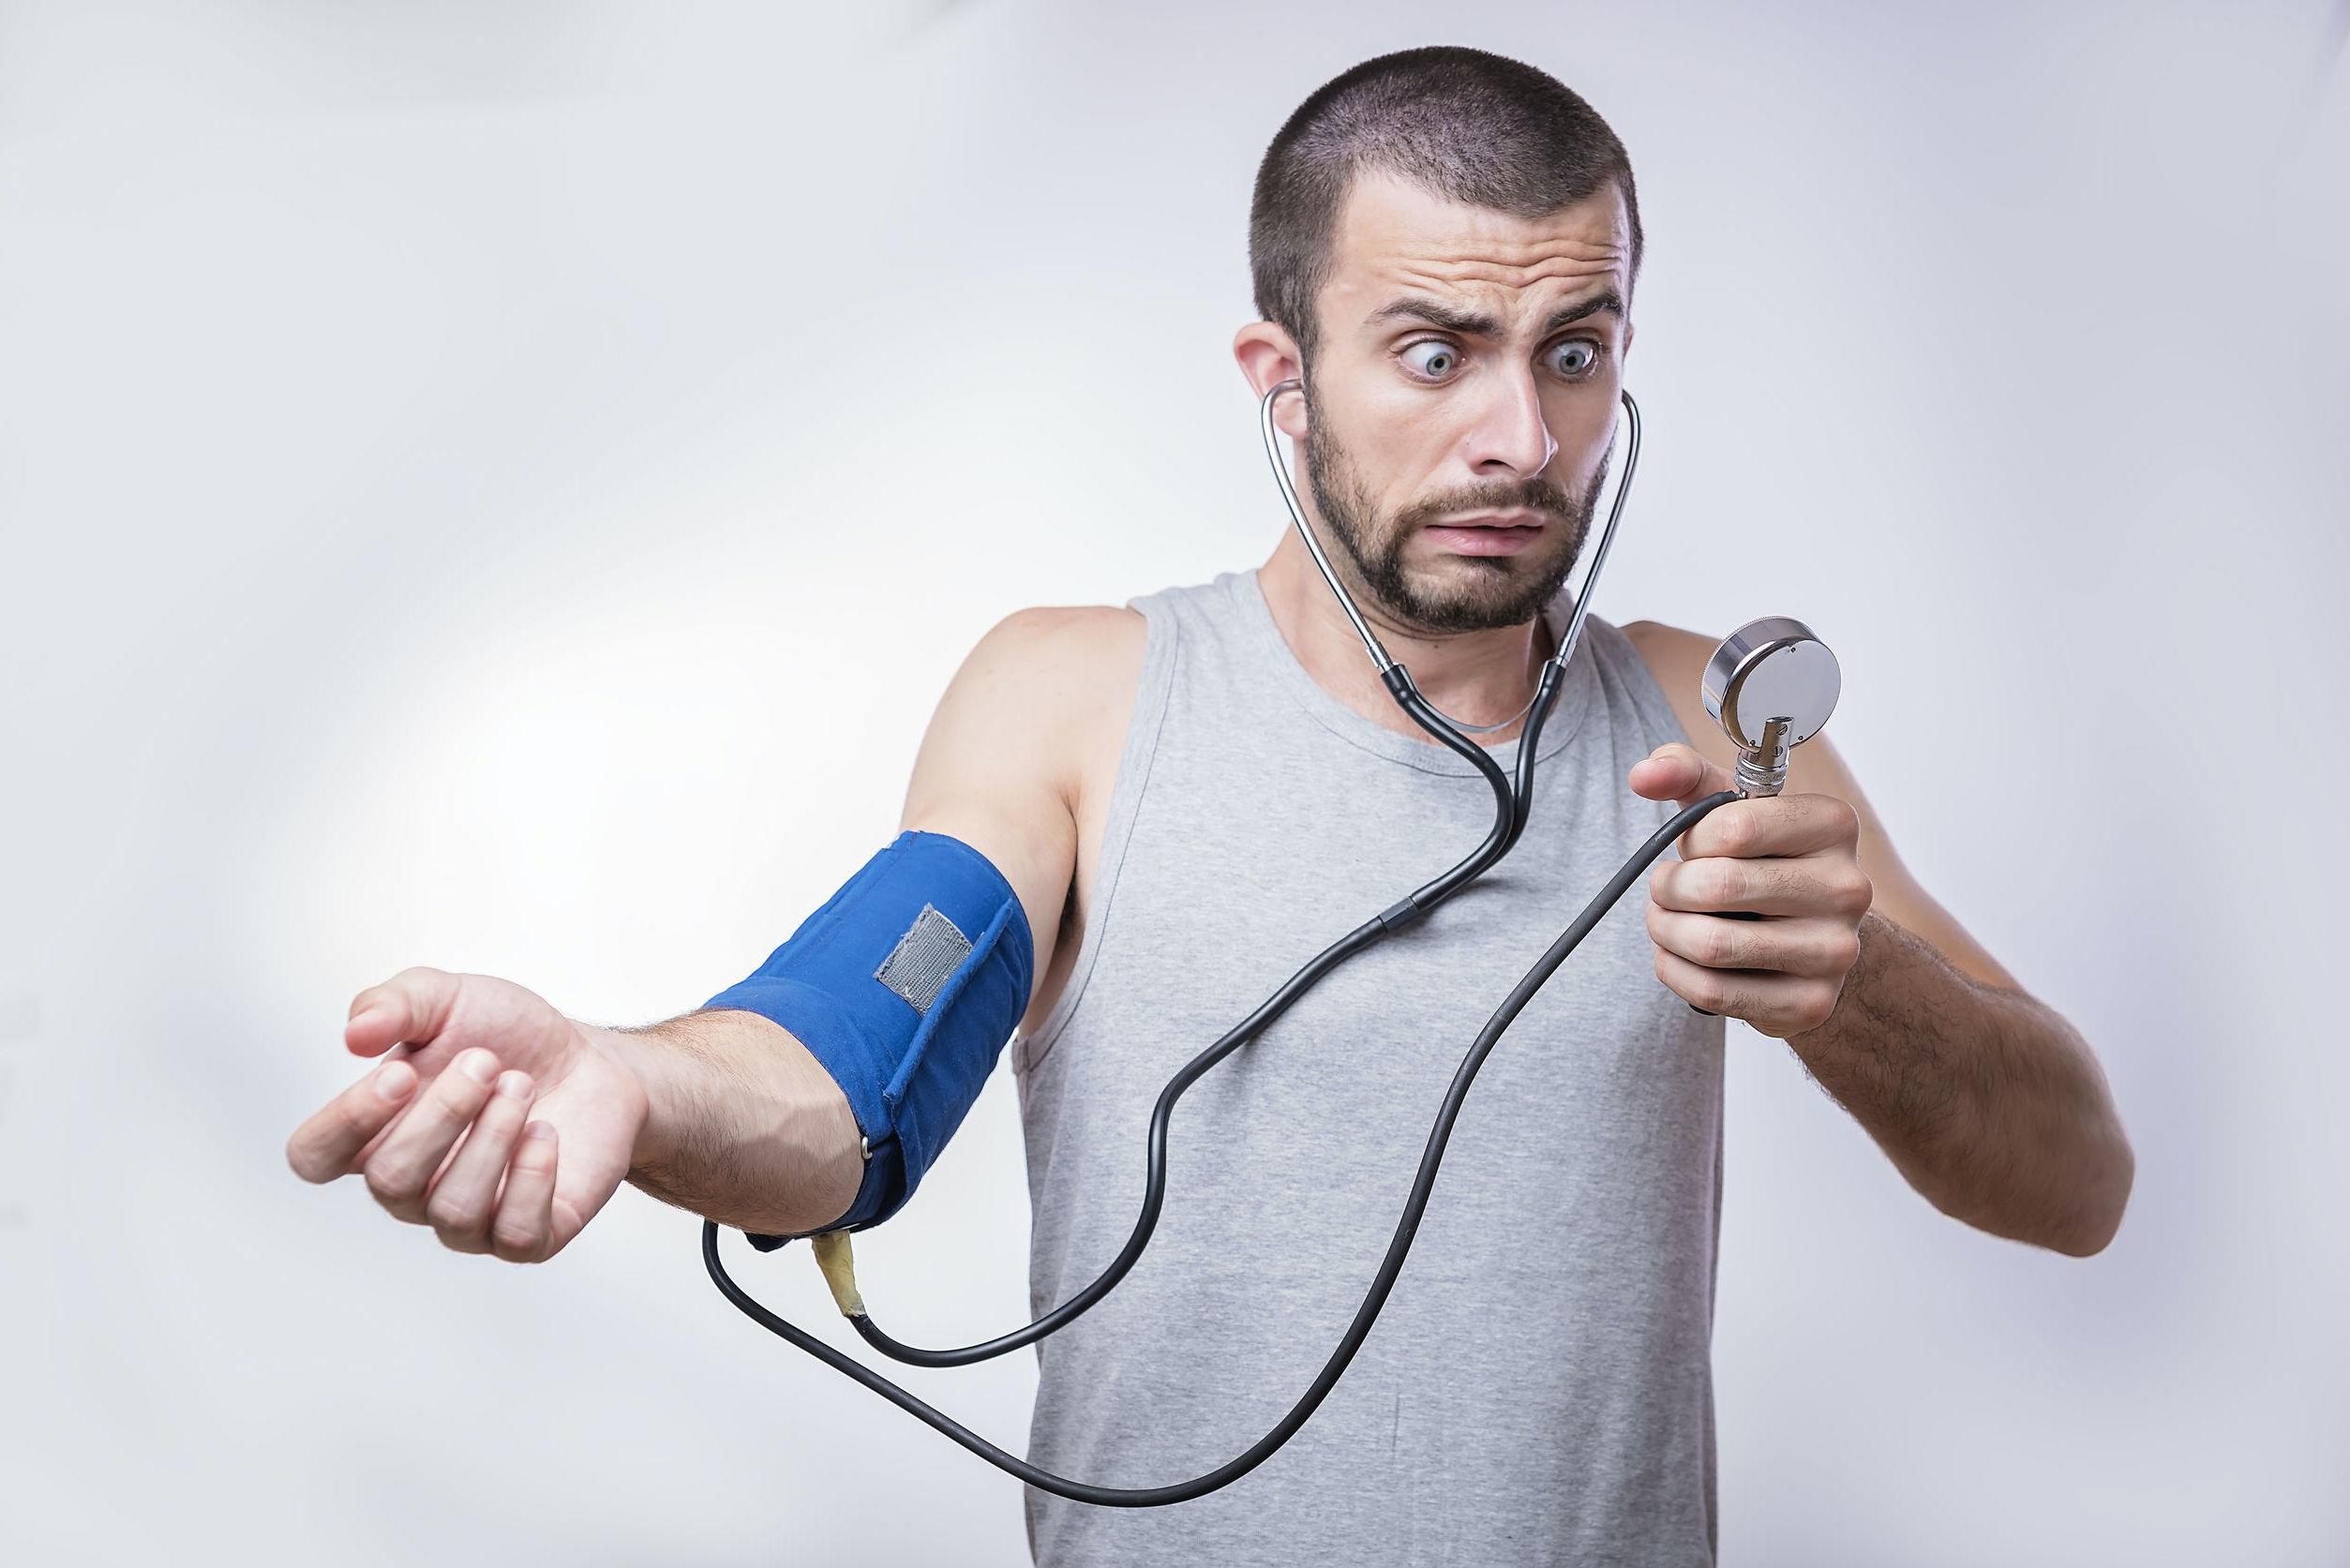 hogyan kell edzeni a szívet magas vérnyomásban magas vérnyomás fogyatékosság esetén